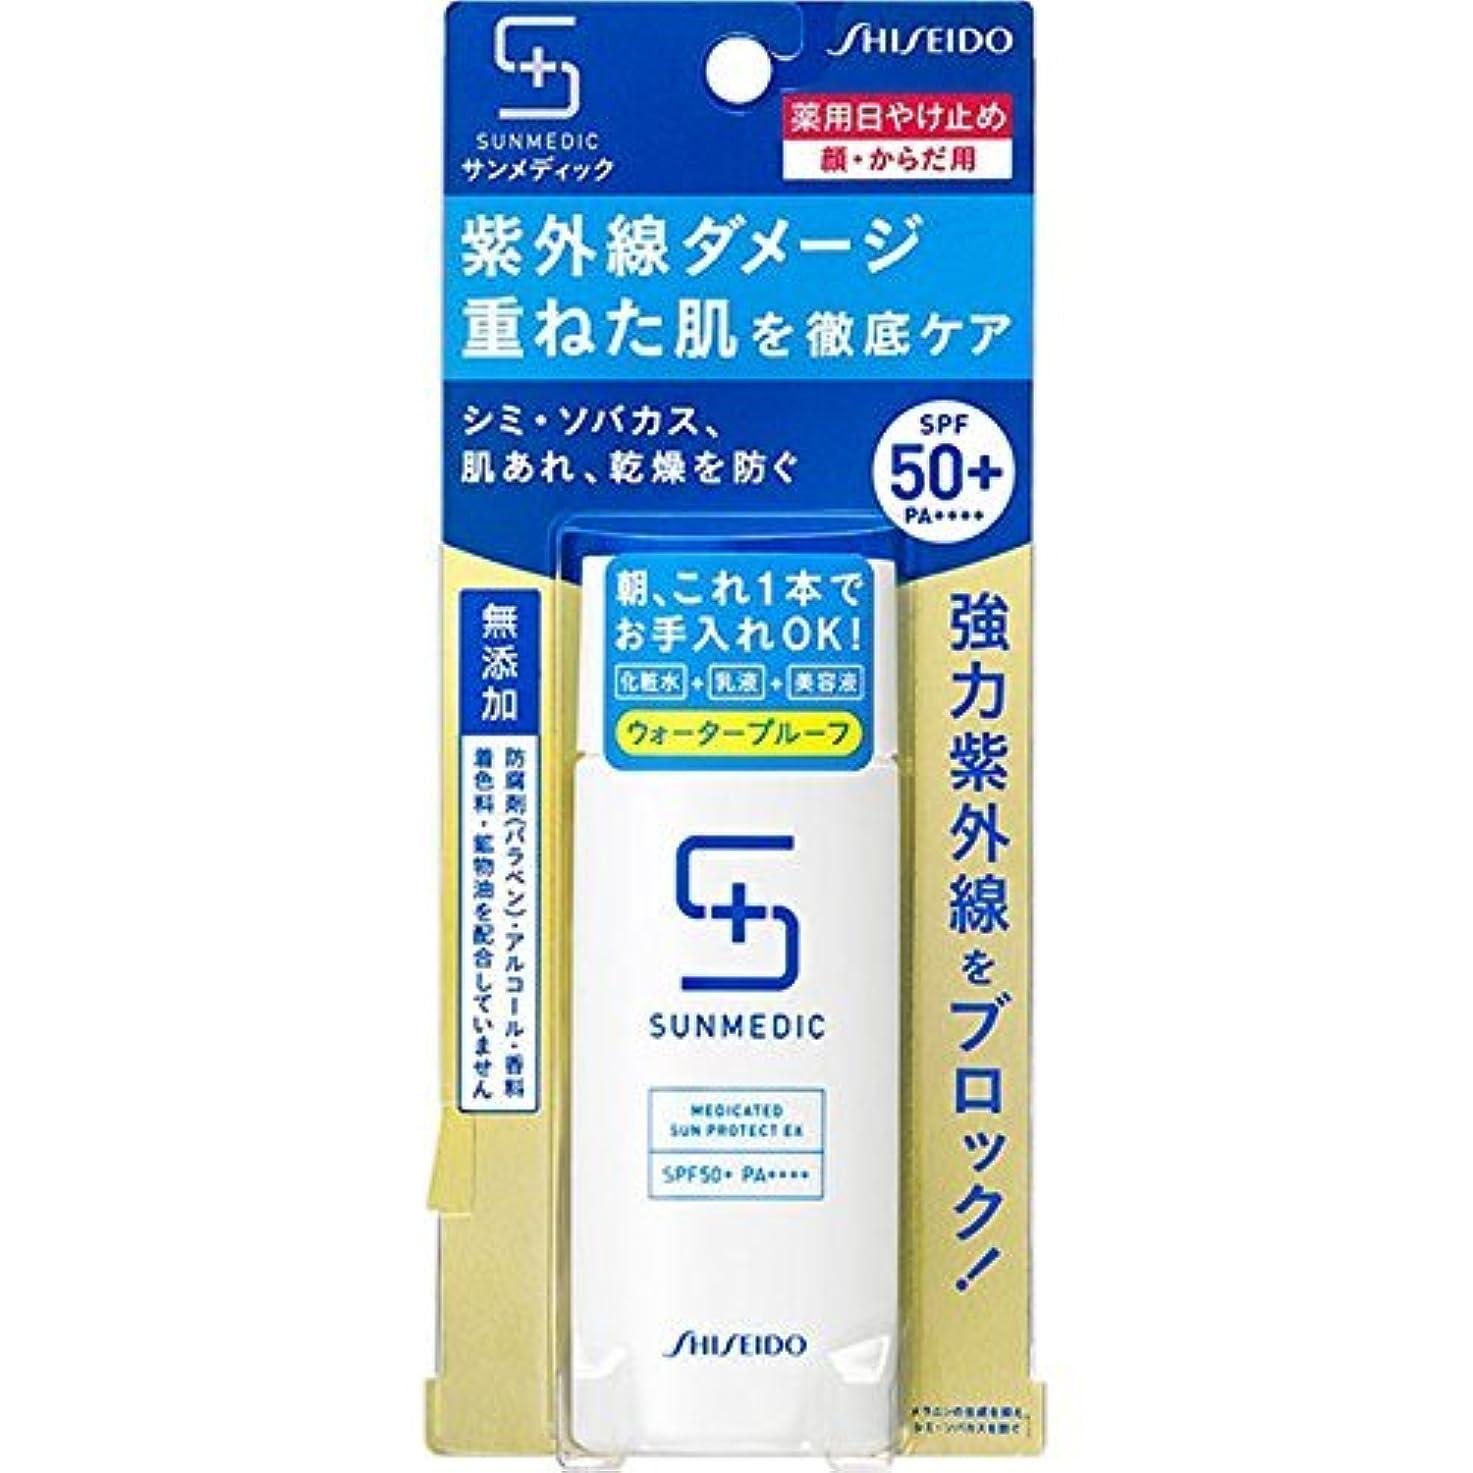 キャリッジ限定破壊MK サンメディックUV 薬用サンプロテクトEX 50mL (医薬部外品)